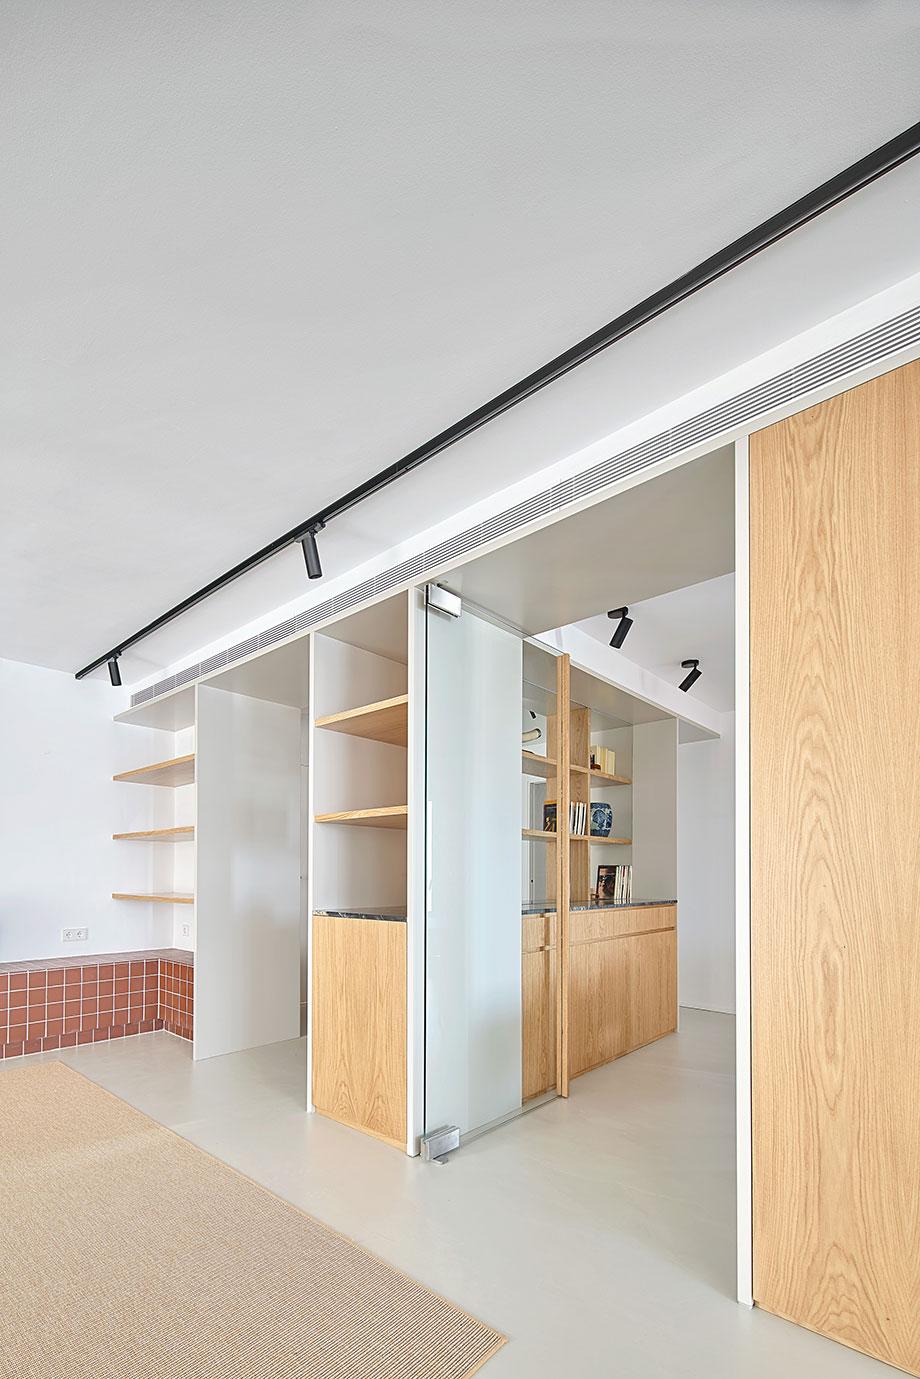 vivienda joliver de bonba studio (4) - foto jose hevia